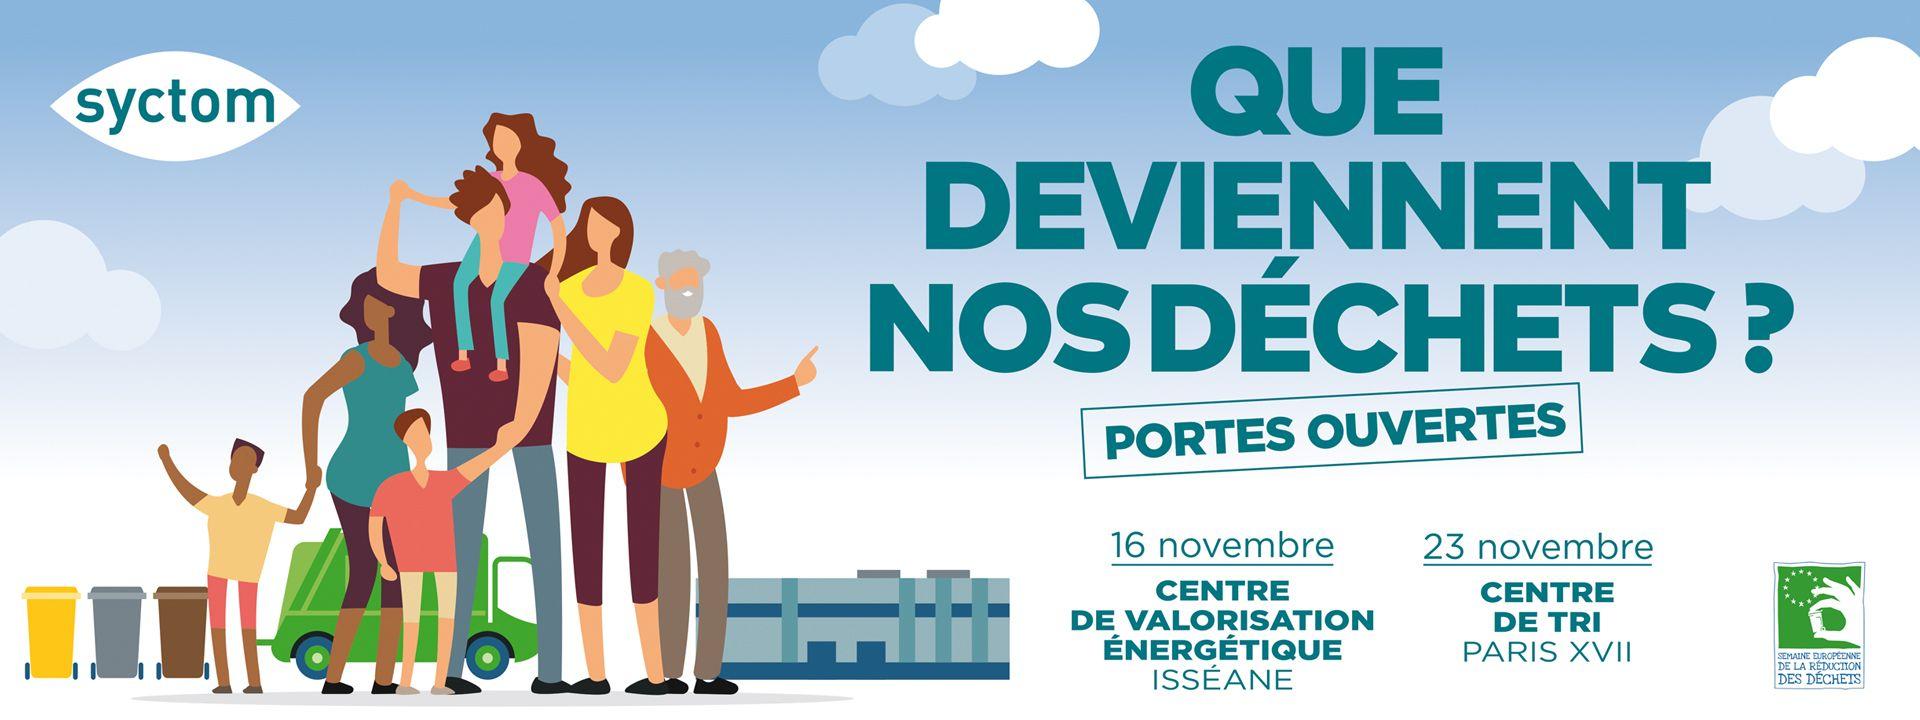 Visite gratuite du centre de valorisation énergétique Isséane (92130) et du centre de tri à Paris XVII (75017)